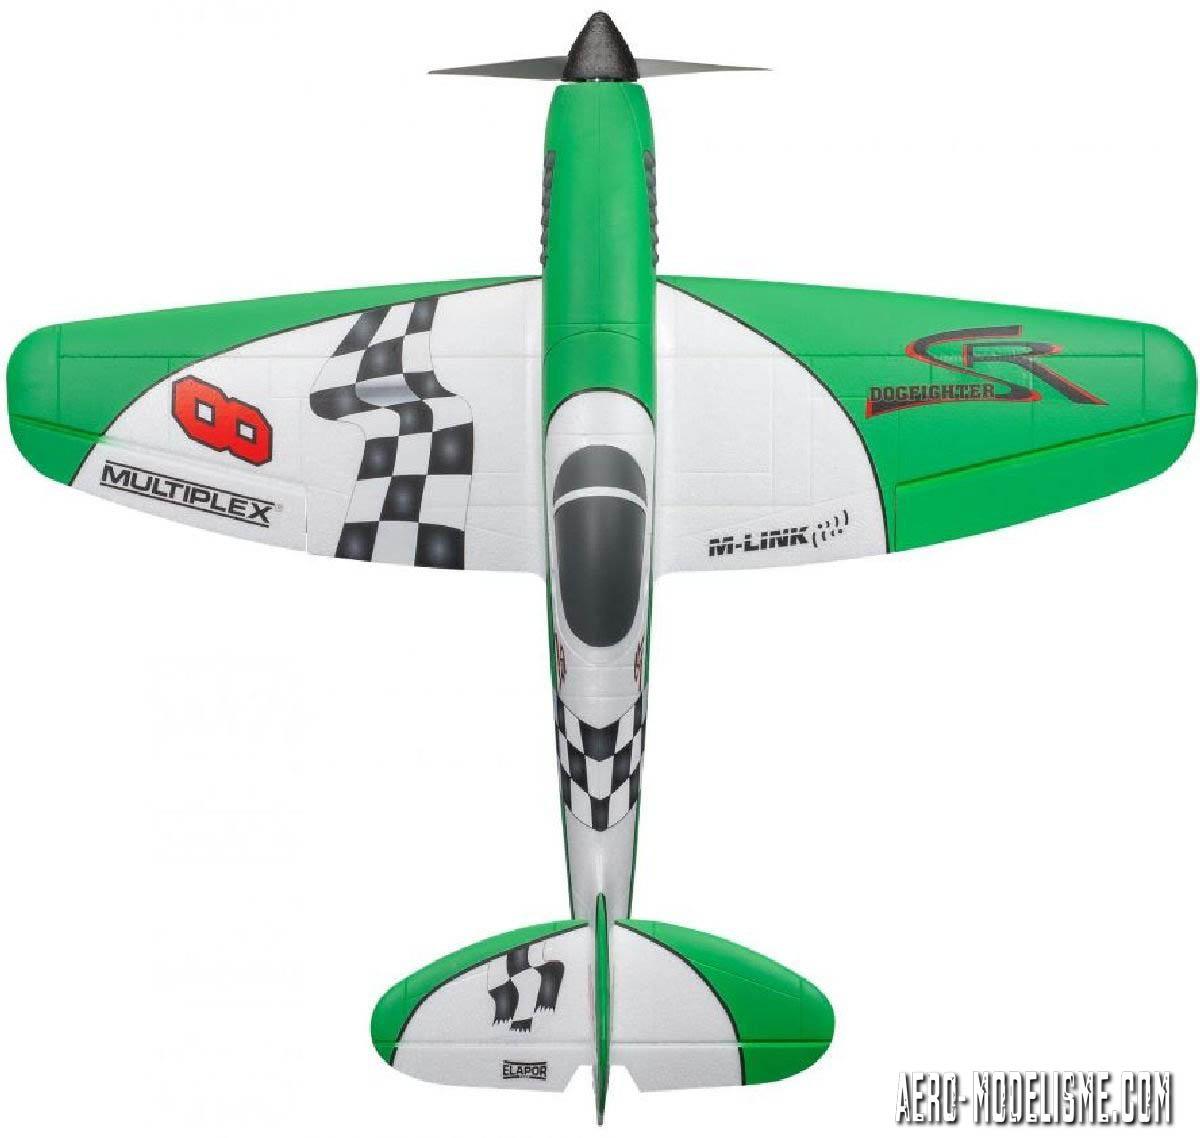 Le Dogfighter dans sa dernière version avec la déco revisitée. On reconnait bien sur cette vue sa tête de warbird, à mi-chemin entre le P-51 et un Spitfire qui aurait eu les ailes arrondies